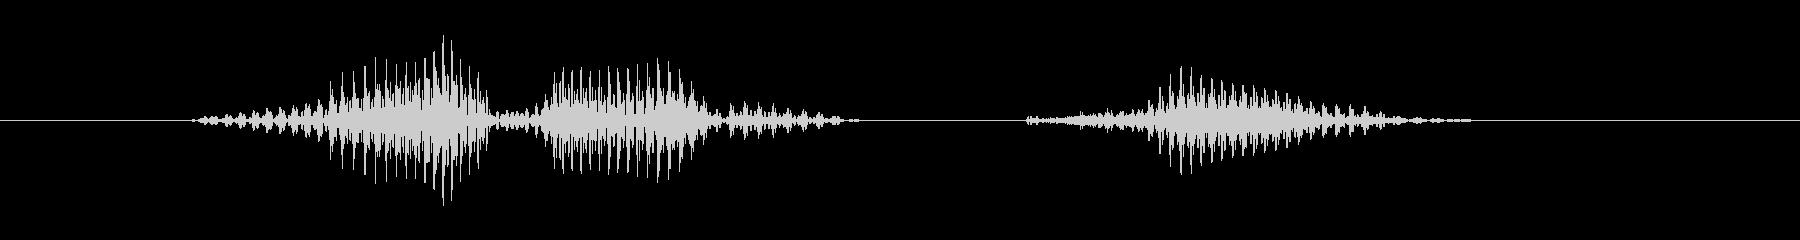 レベル9(きゅう)の未再生の波形